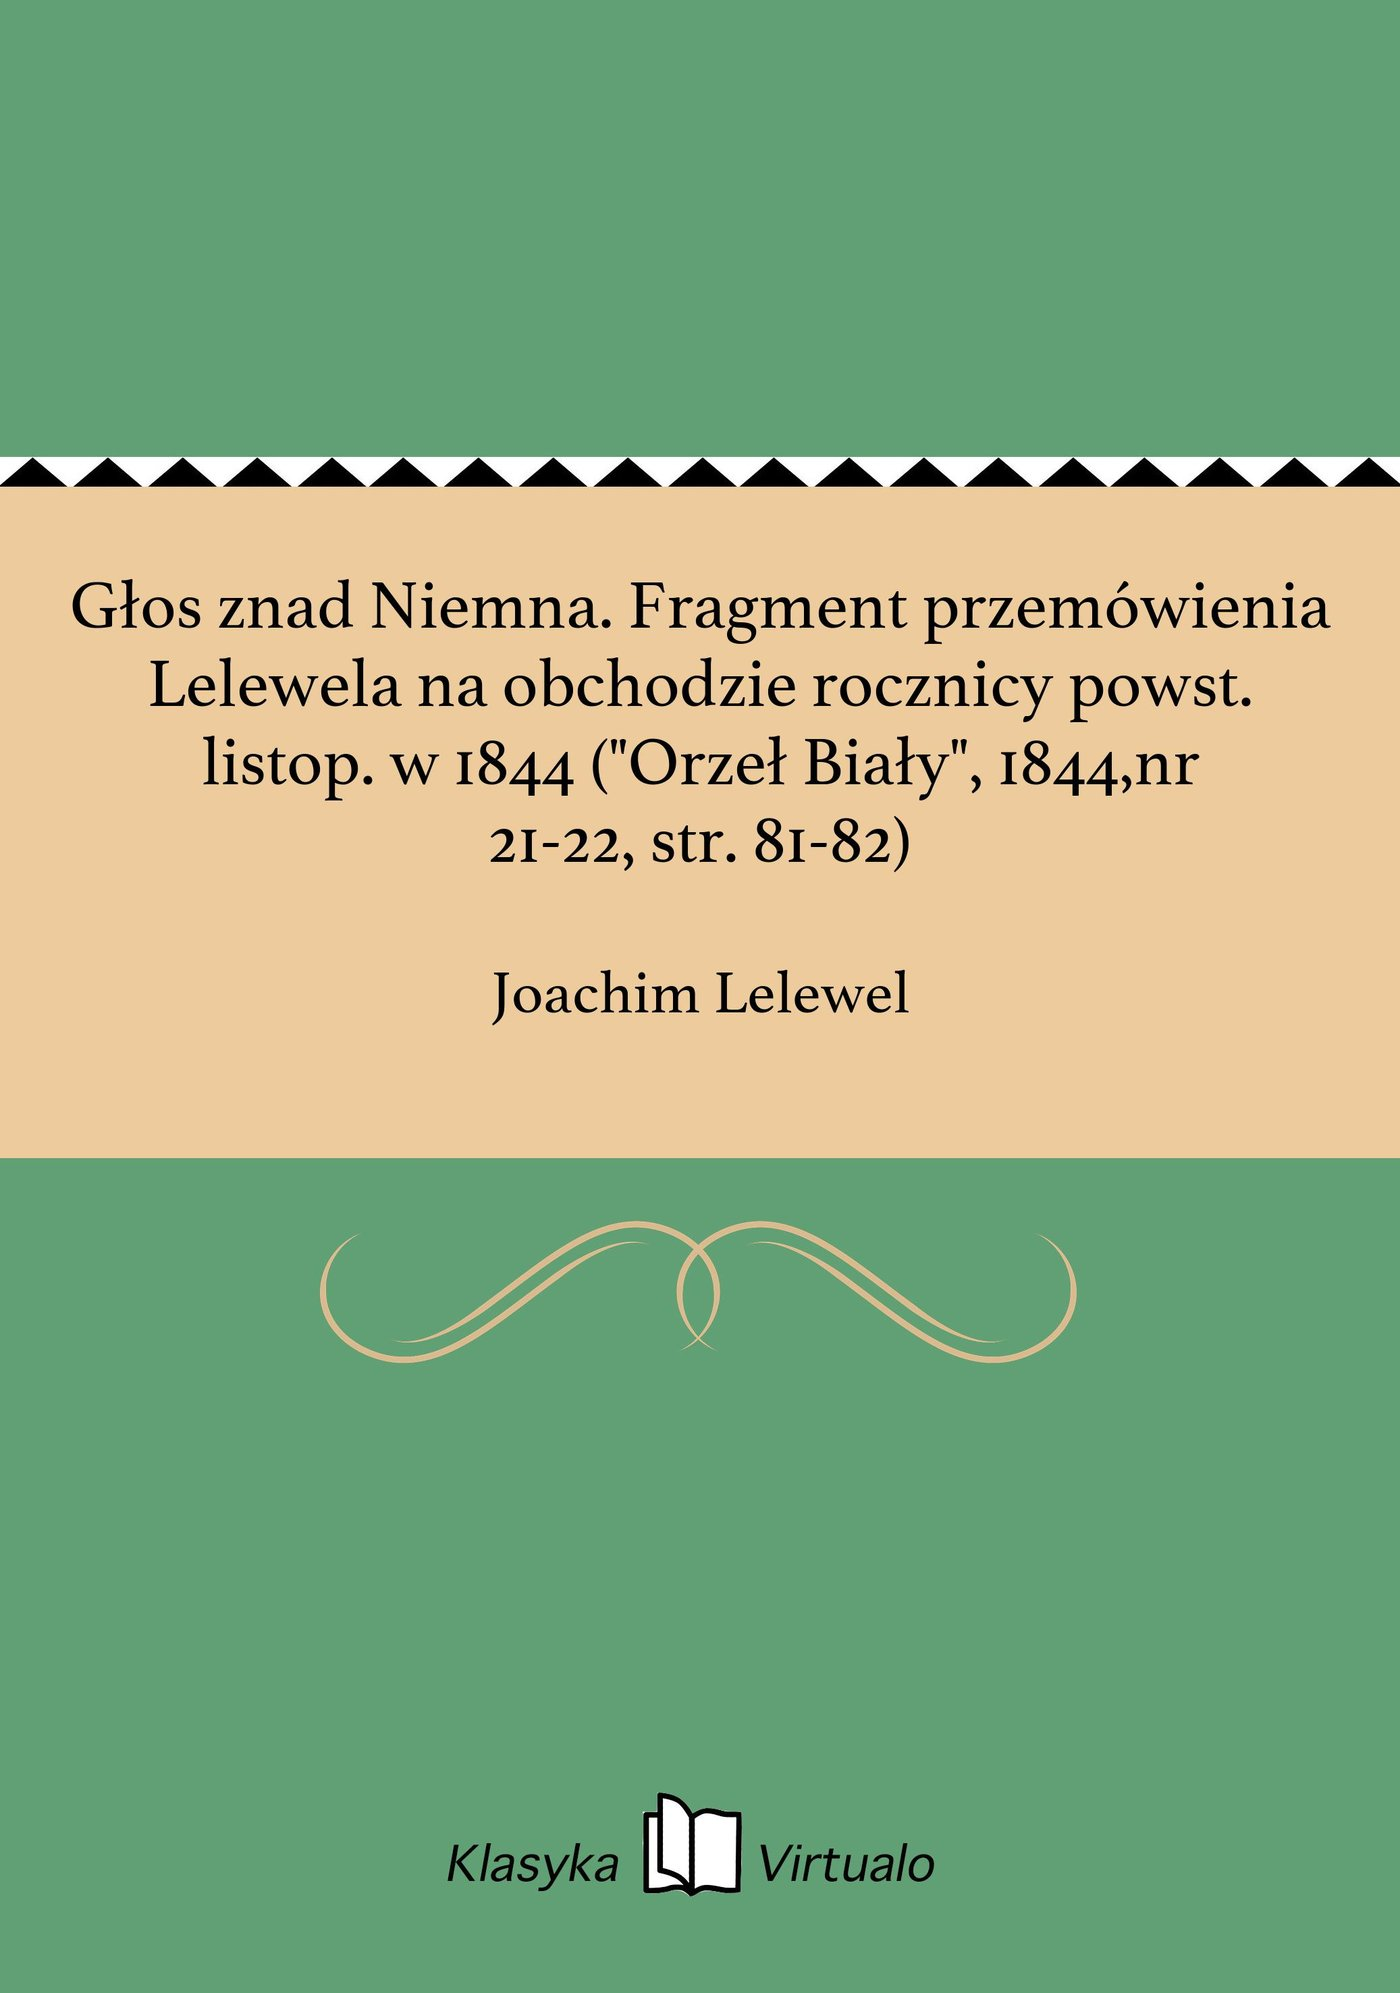 """Głos znad Niemna. Fragment przemówienia Lelewela na obchodzie rocznicy powst. listop. w 1844 (""""Orzeł Biały"""", 1844,nr 21-22, str. 81-82) - Ebook (Książka EPUB) do pobrania w formacie EPUB"""